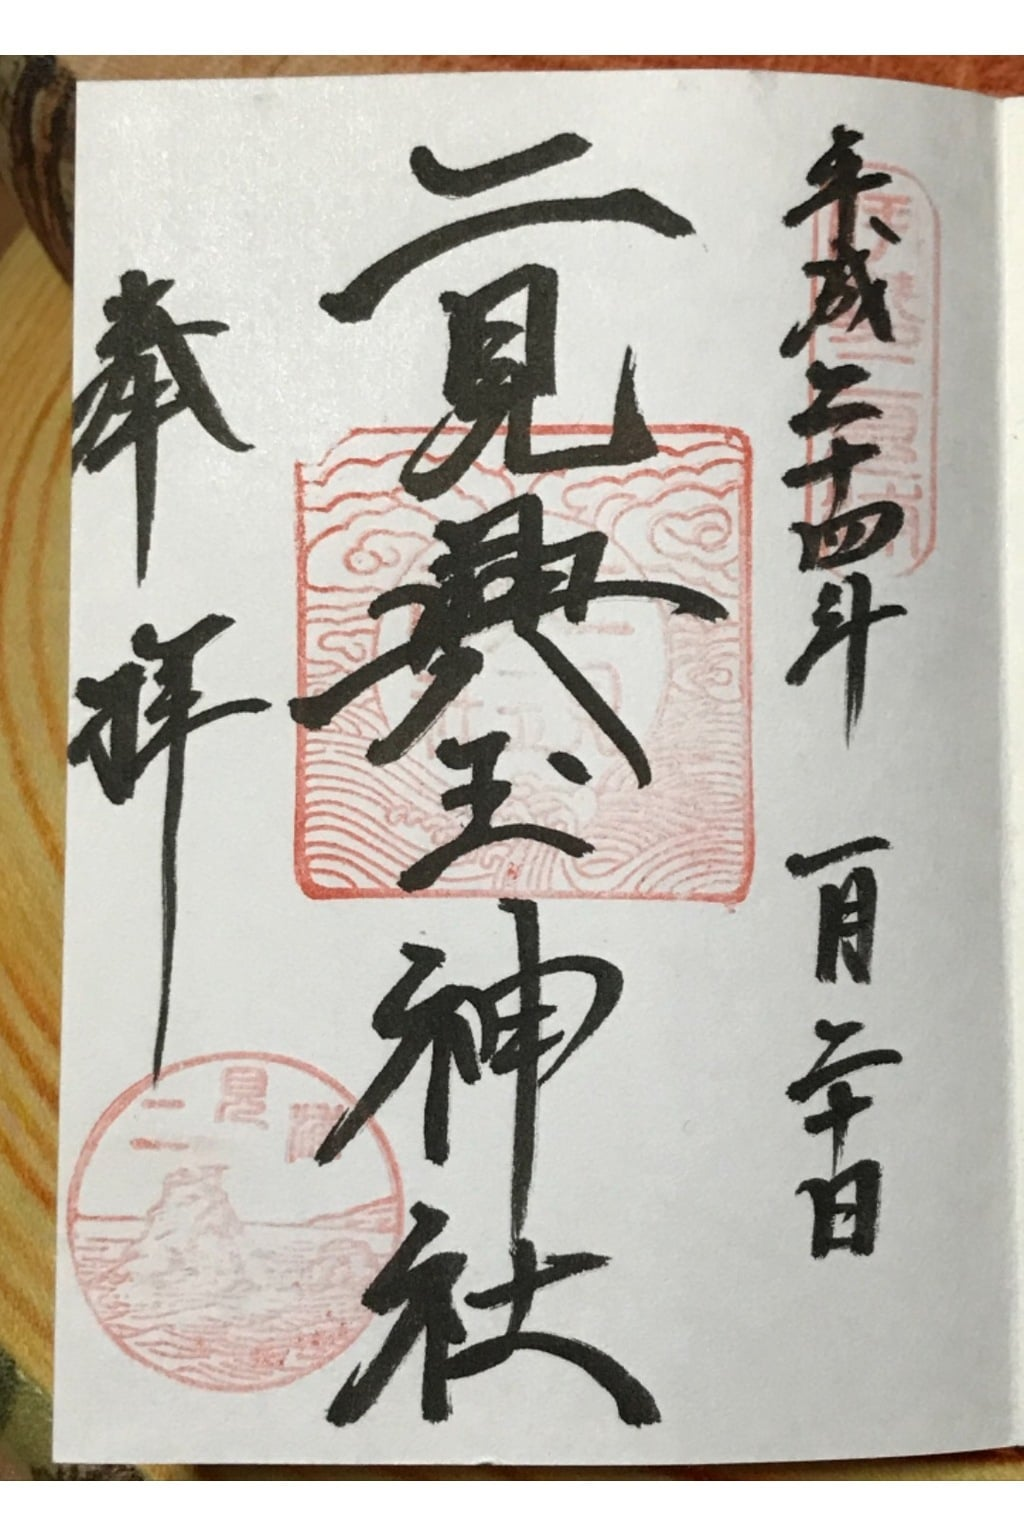 二見興玉神社の御朱印